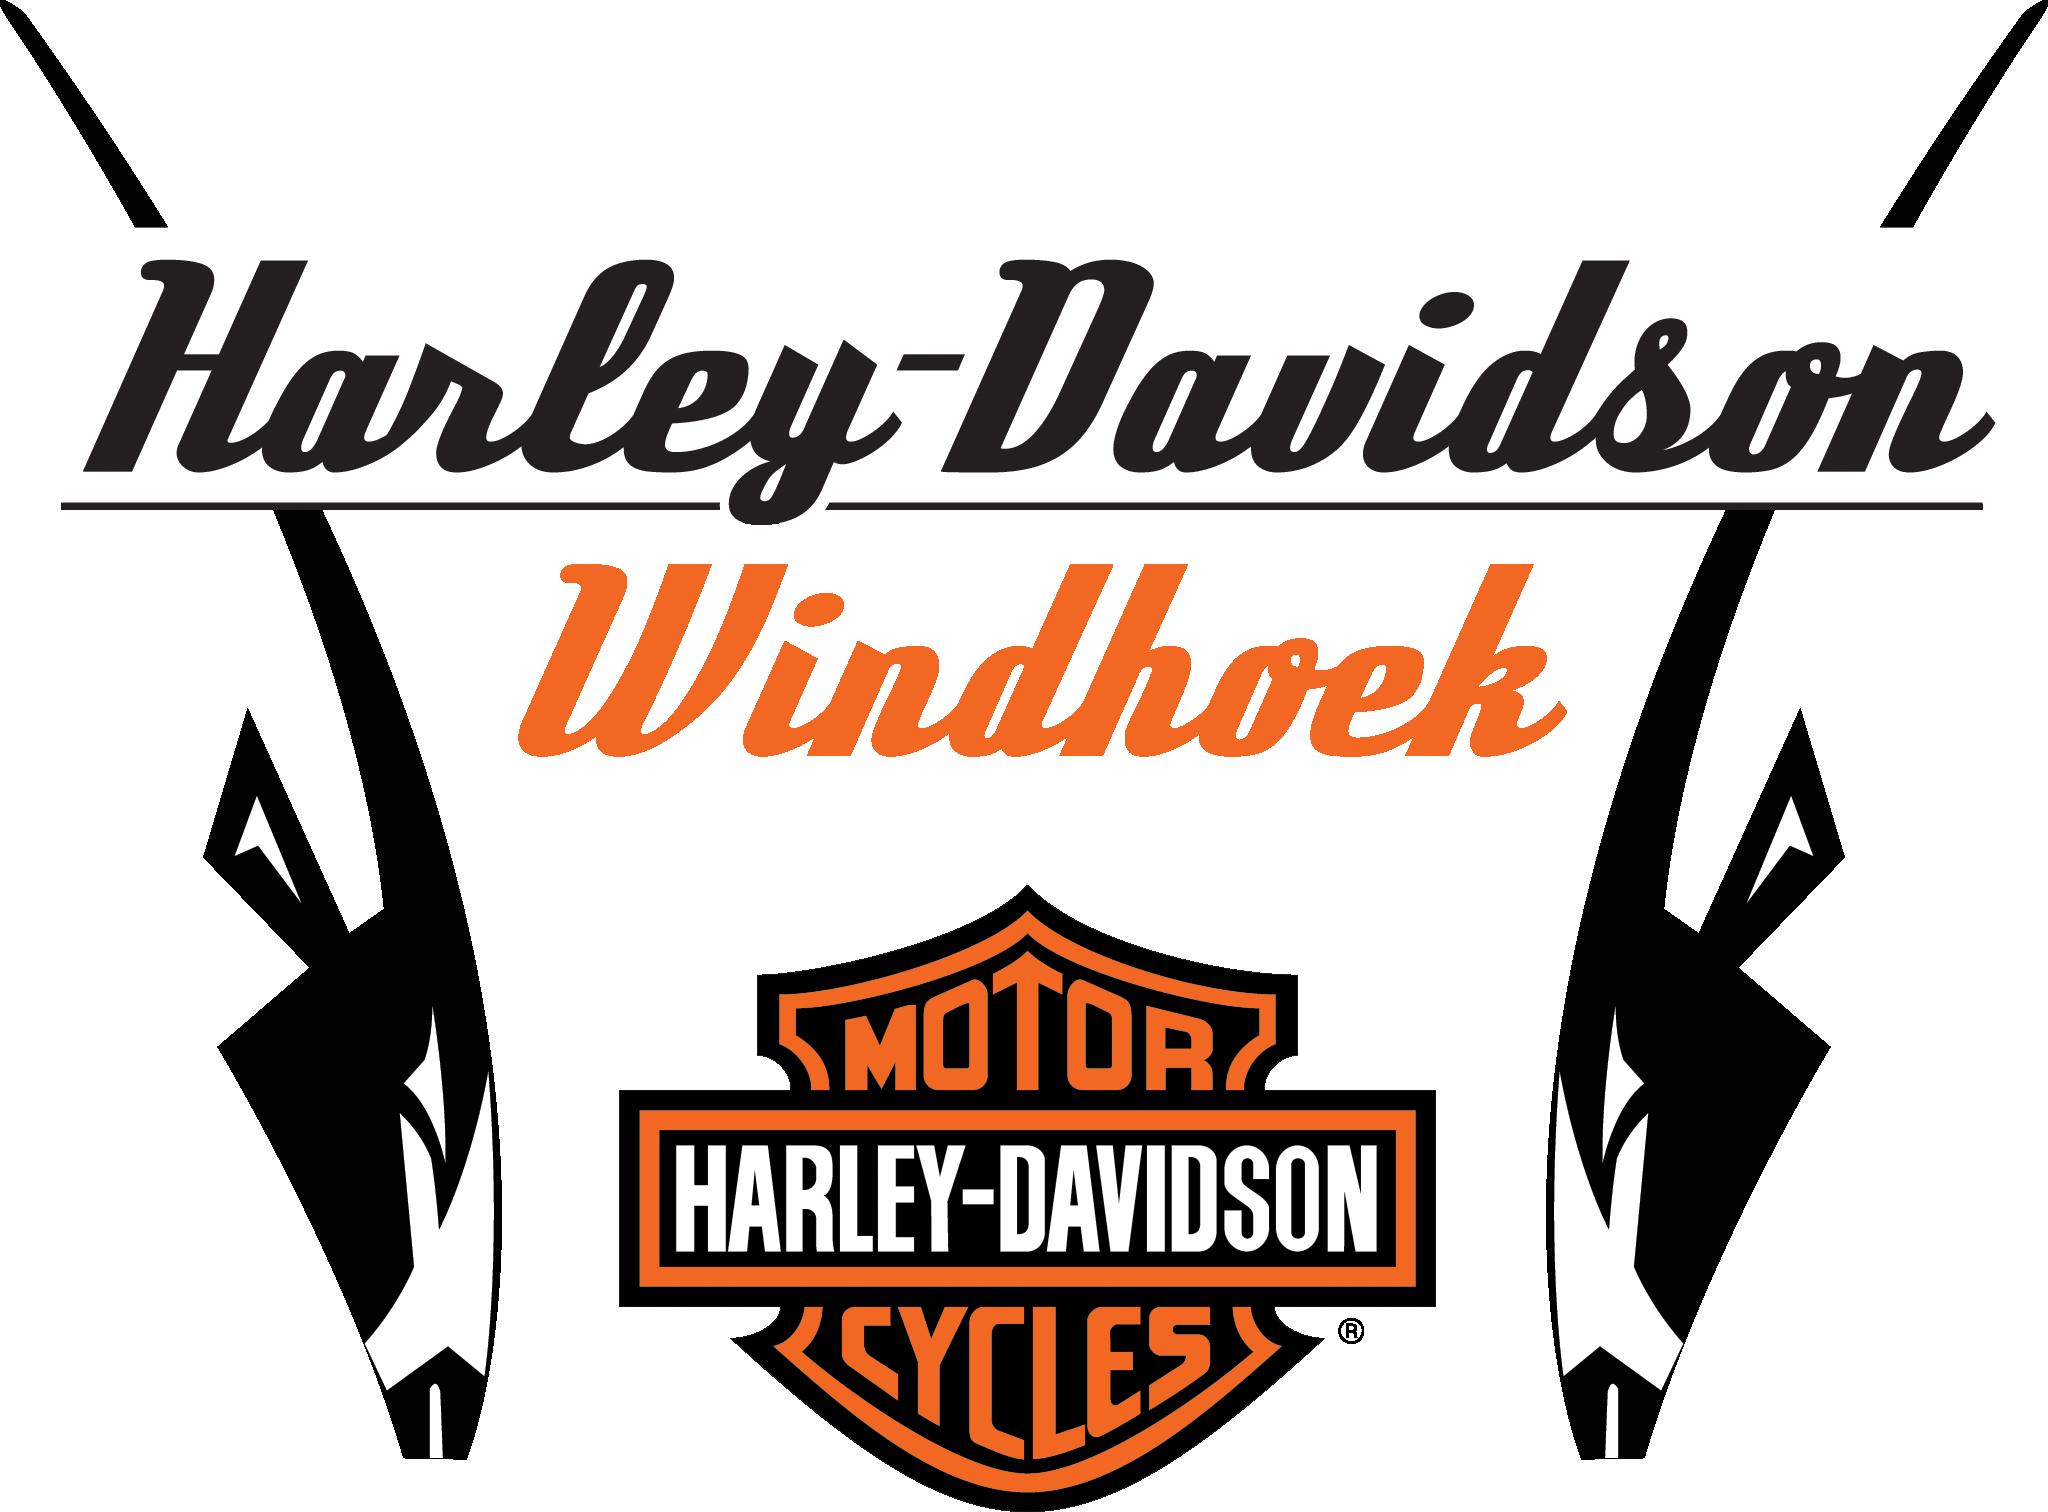 Harley-Davidson<sup>®</sup> Windhoek